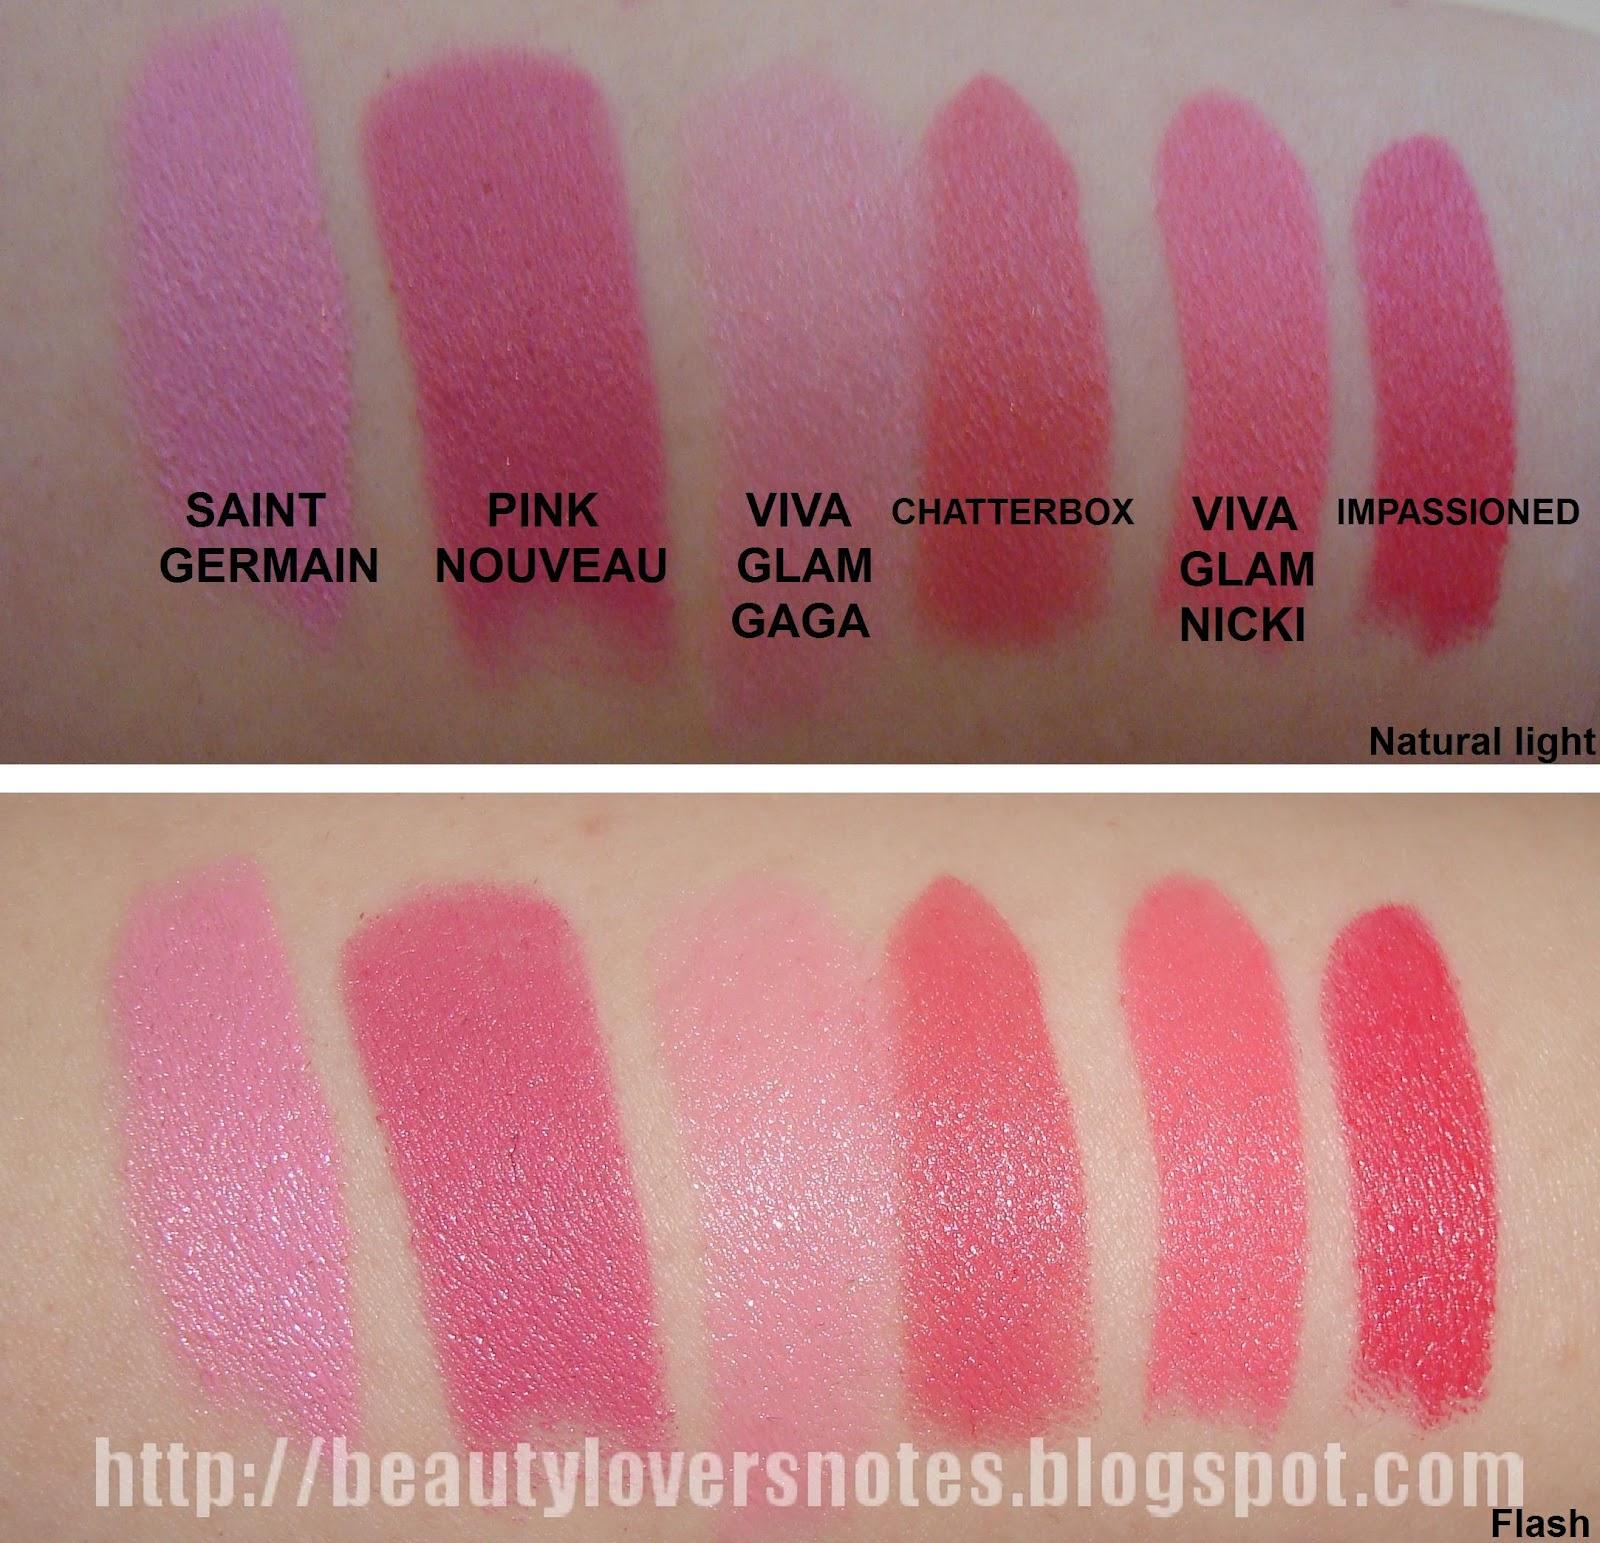 http://4.bp.blogspot.com/-v73KalpL9XI/T1JE6oF786I/AAAAAAAACrA/BPF3D1t2_7k/s1600/MAC+Viva+Glam+Nicki+Minaj+lipstick+swatches.JPG